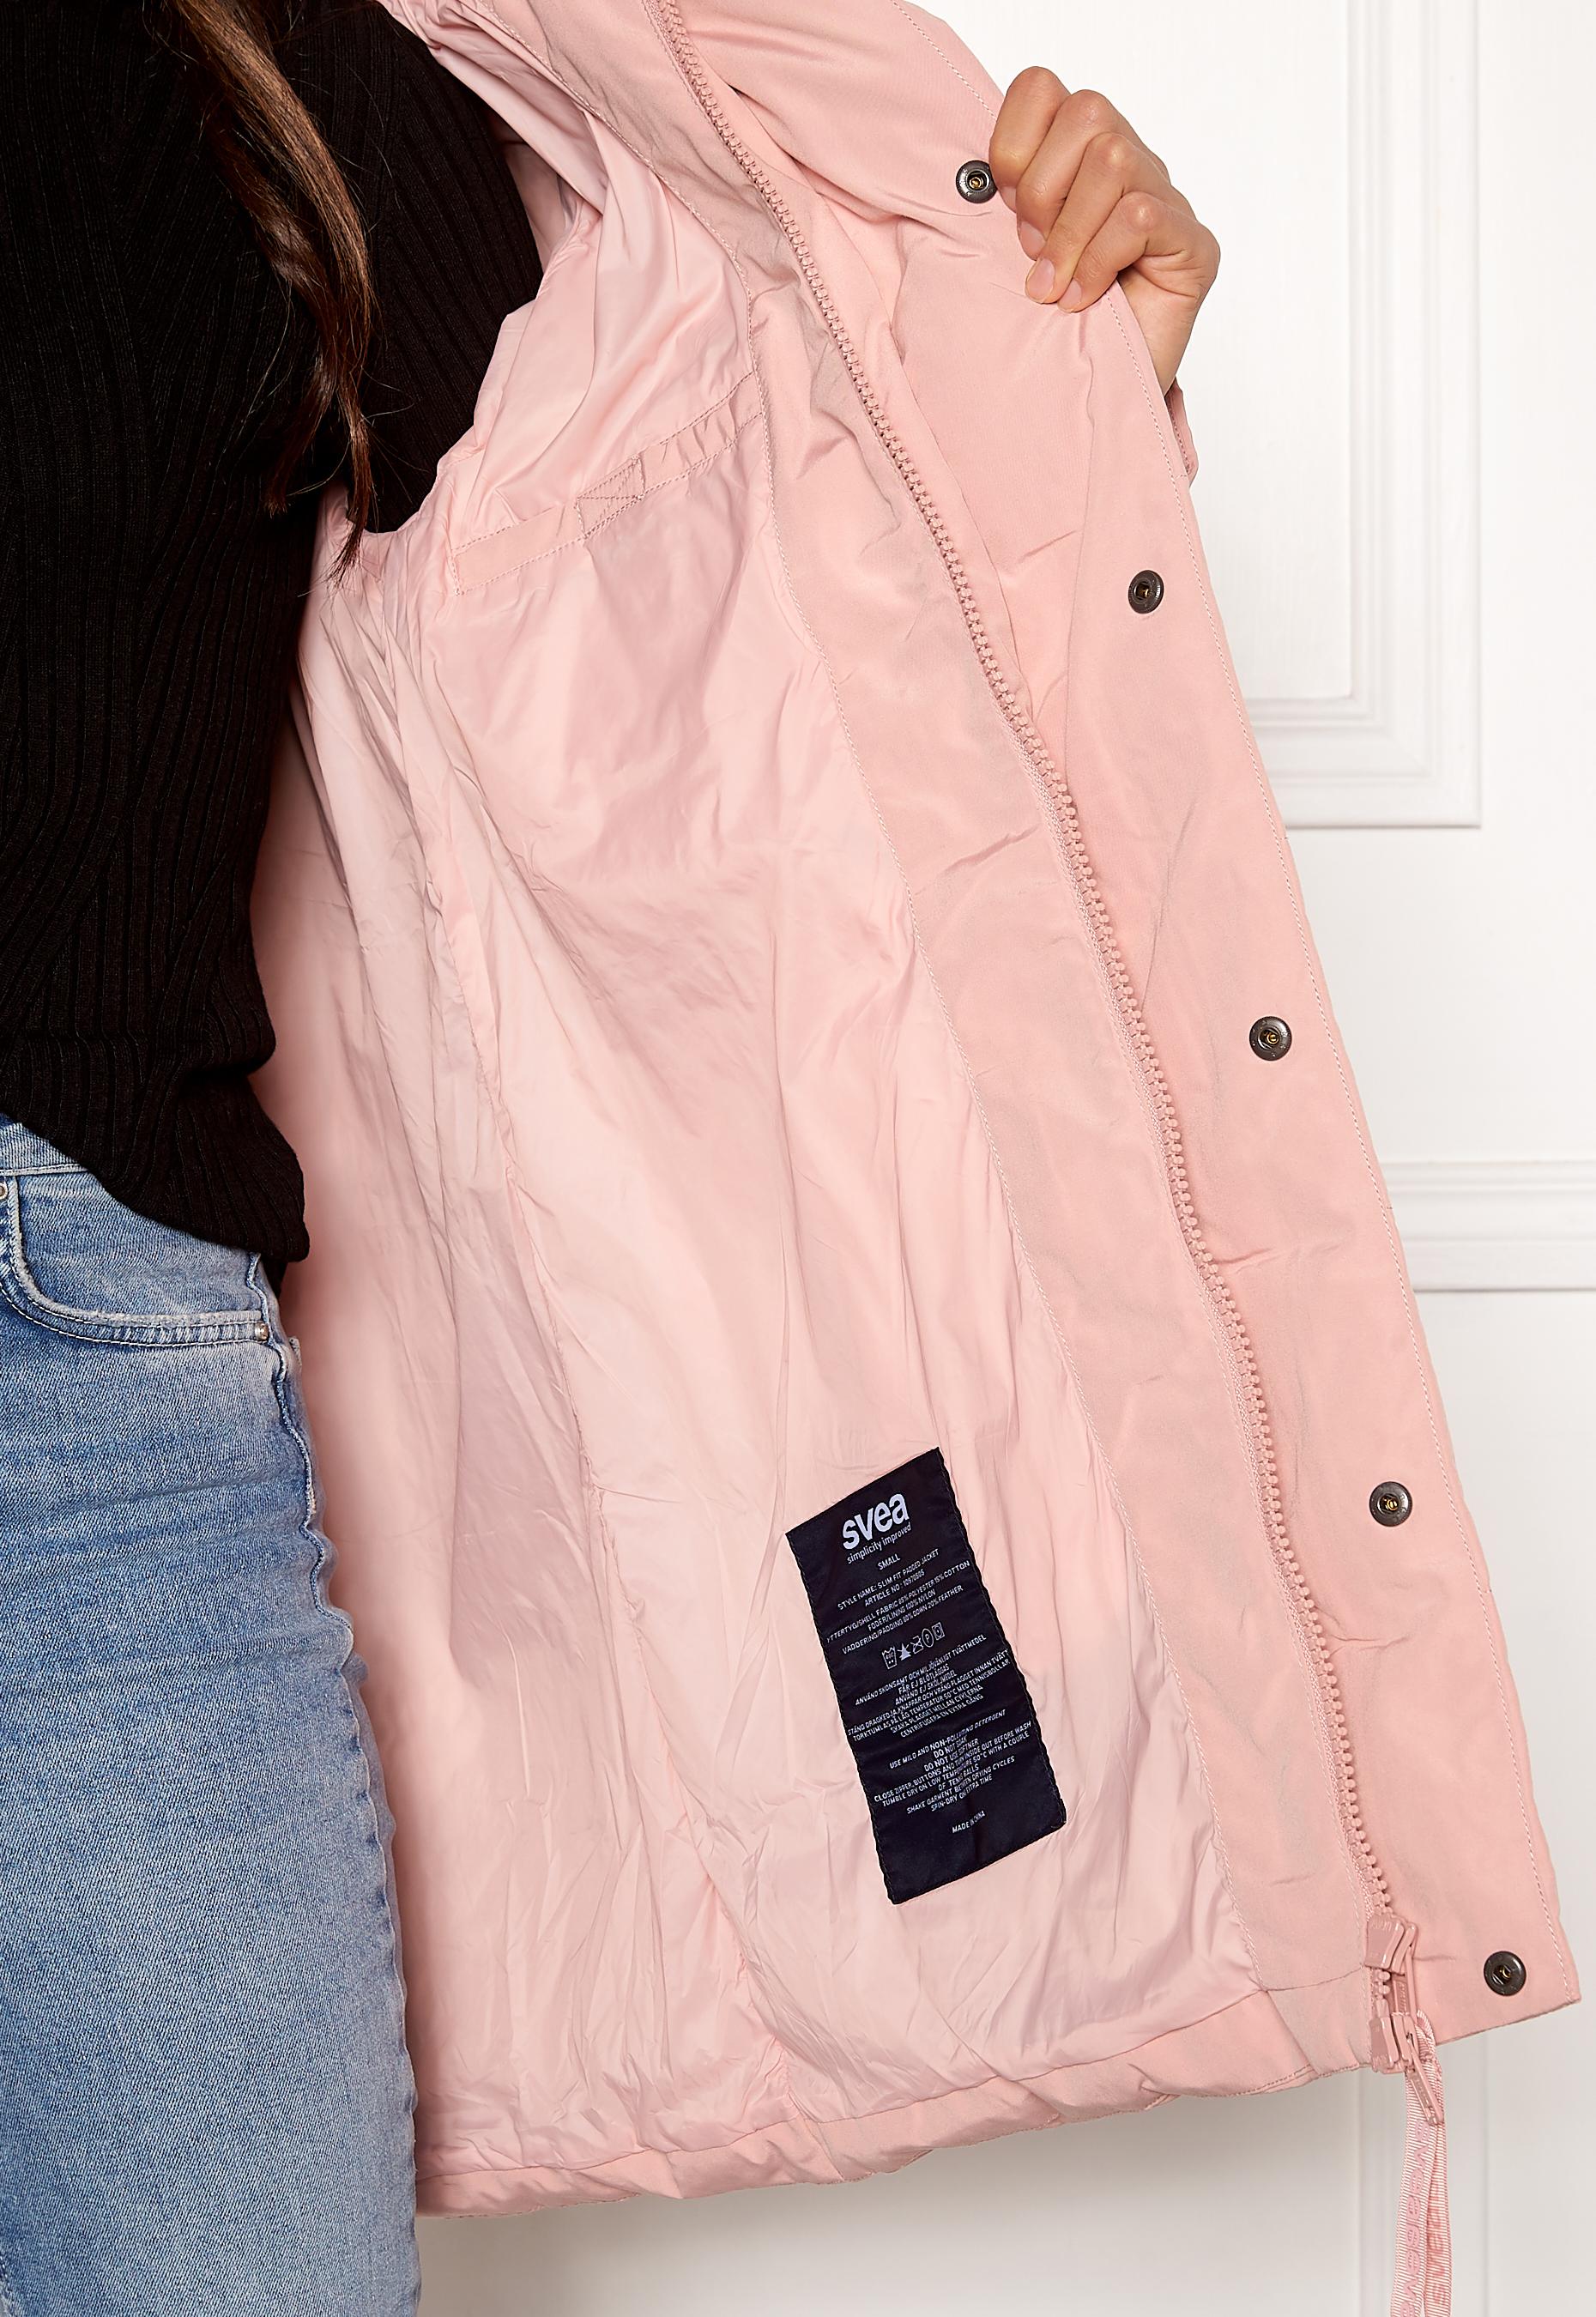 Svea Slim Fit Padded Jacket 505 Soft Pink Bubbleroom